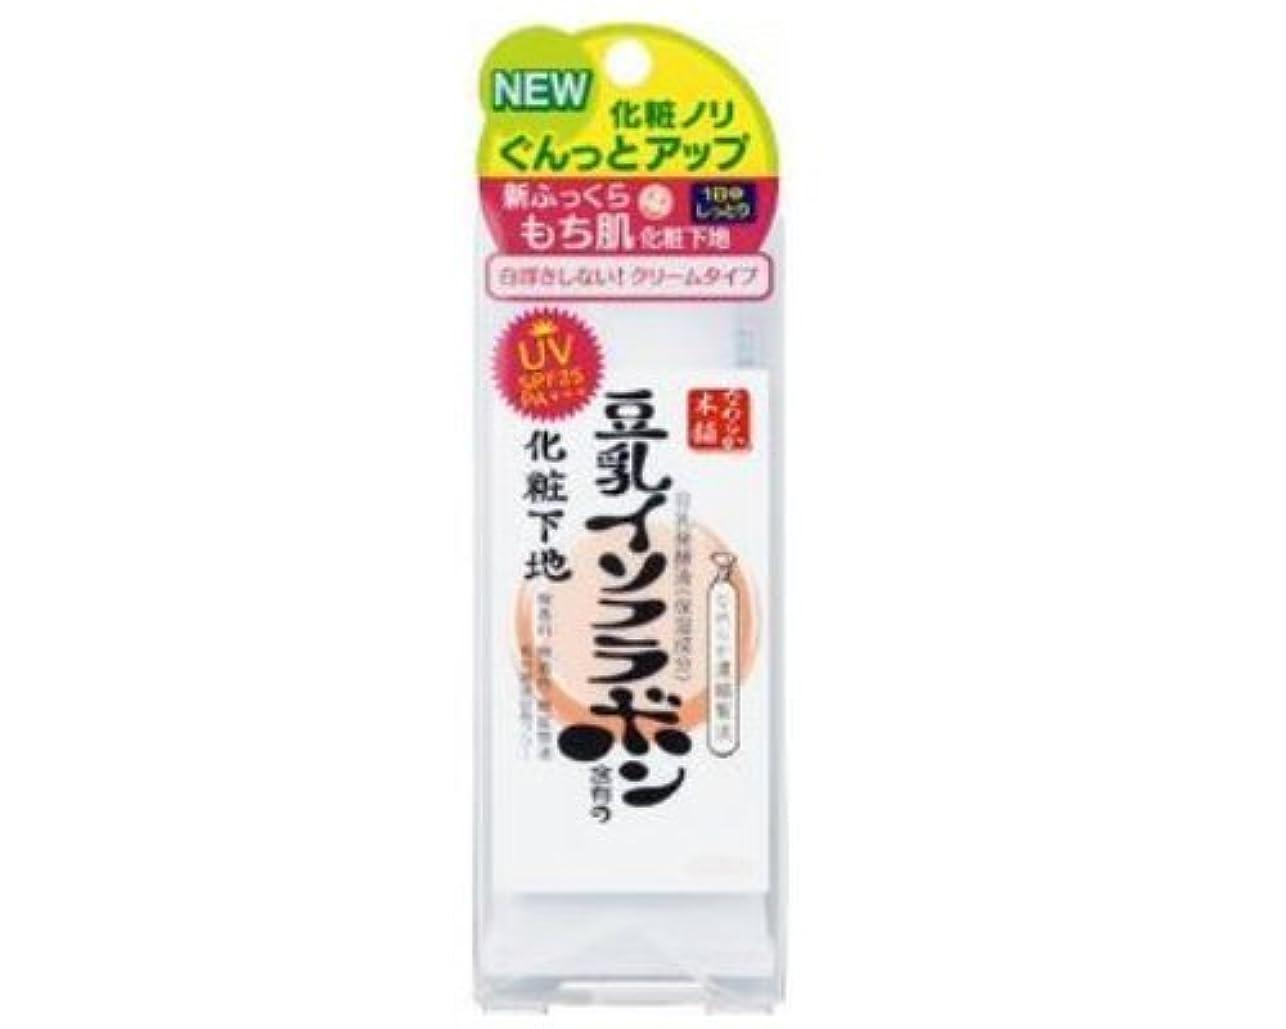 タンパク質下ジョージエリオット常盤薬品工業 サナ なめらか本舗 豆乳イソフラボン含有のUV化粧下地N 40g×72点セット (4964596457333)